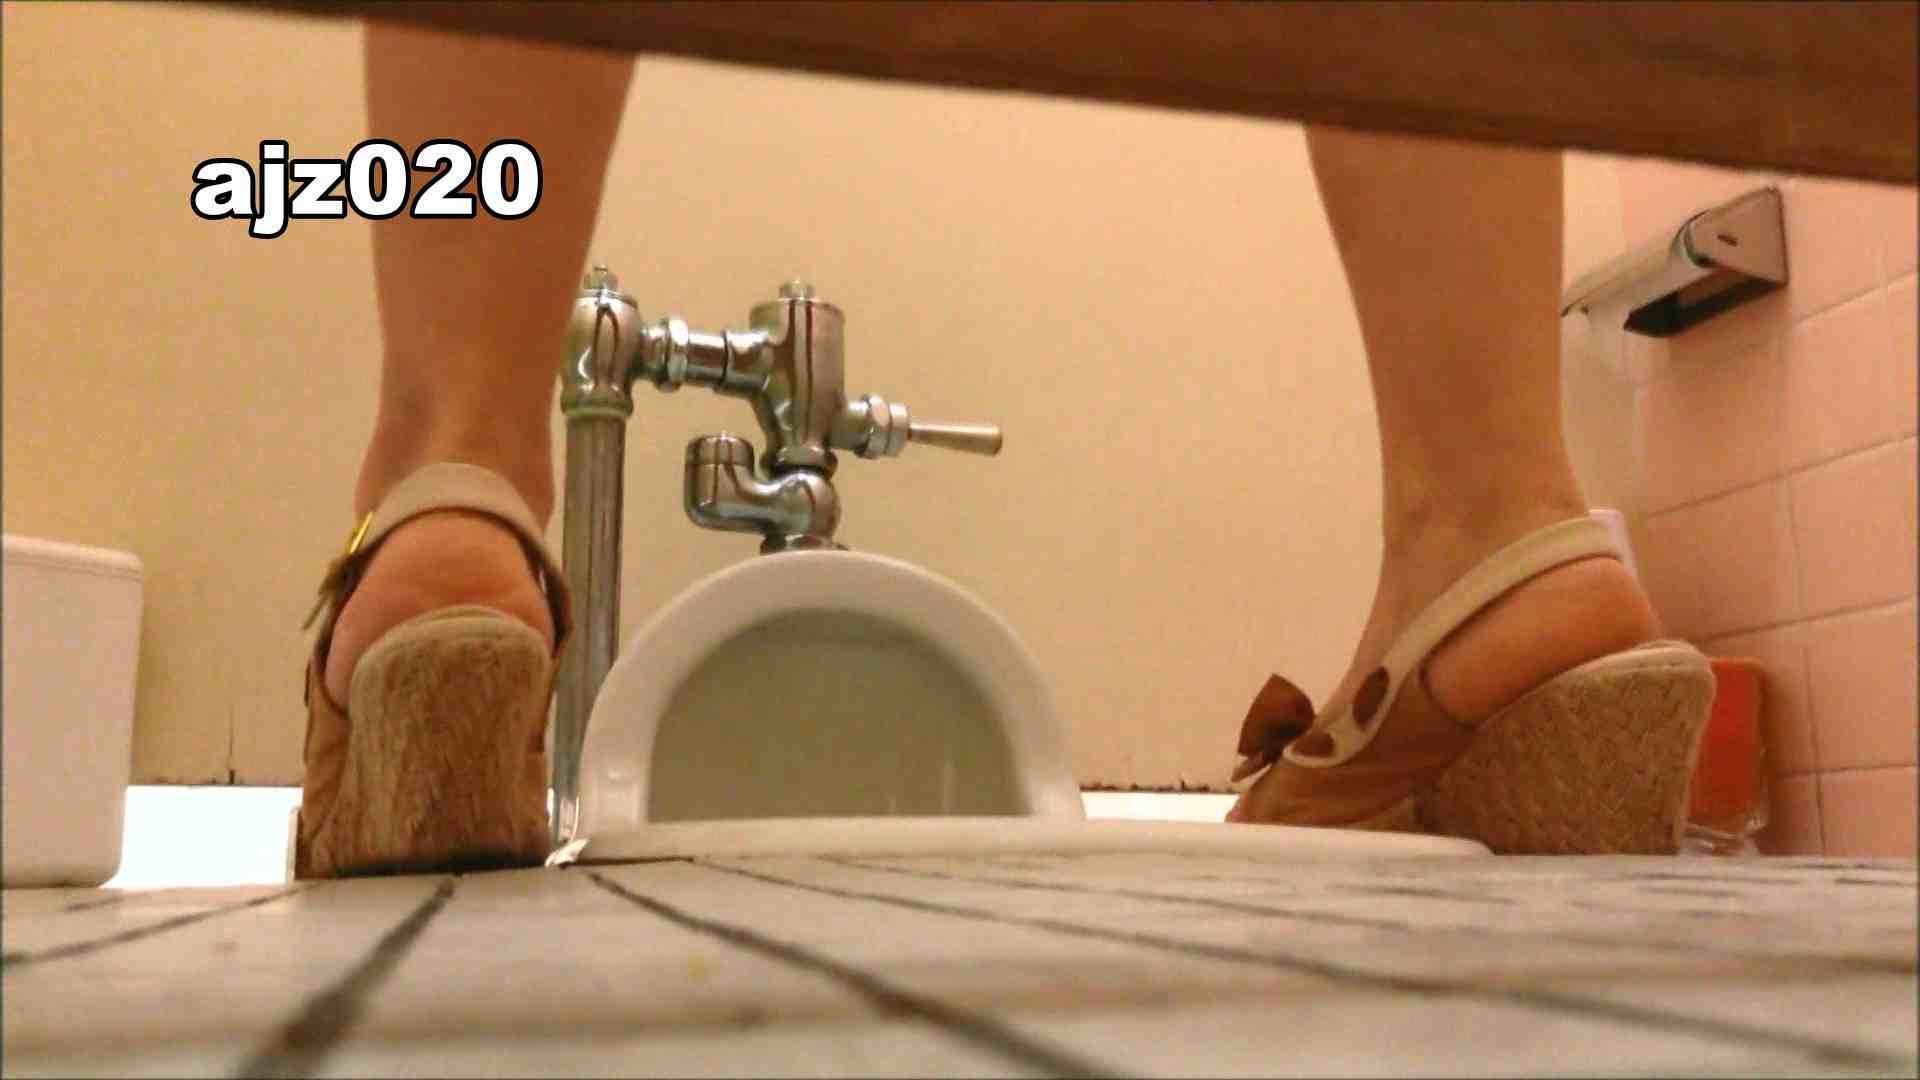 某有名大学女性洗面所 vol.20 洗面所  76PIX 50